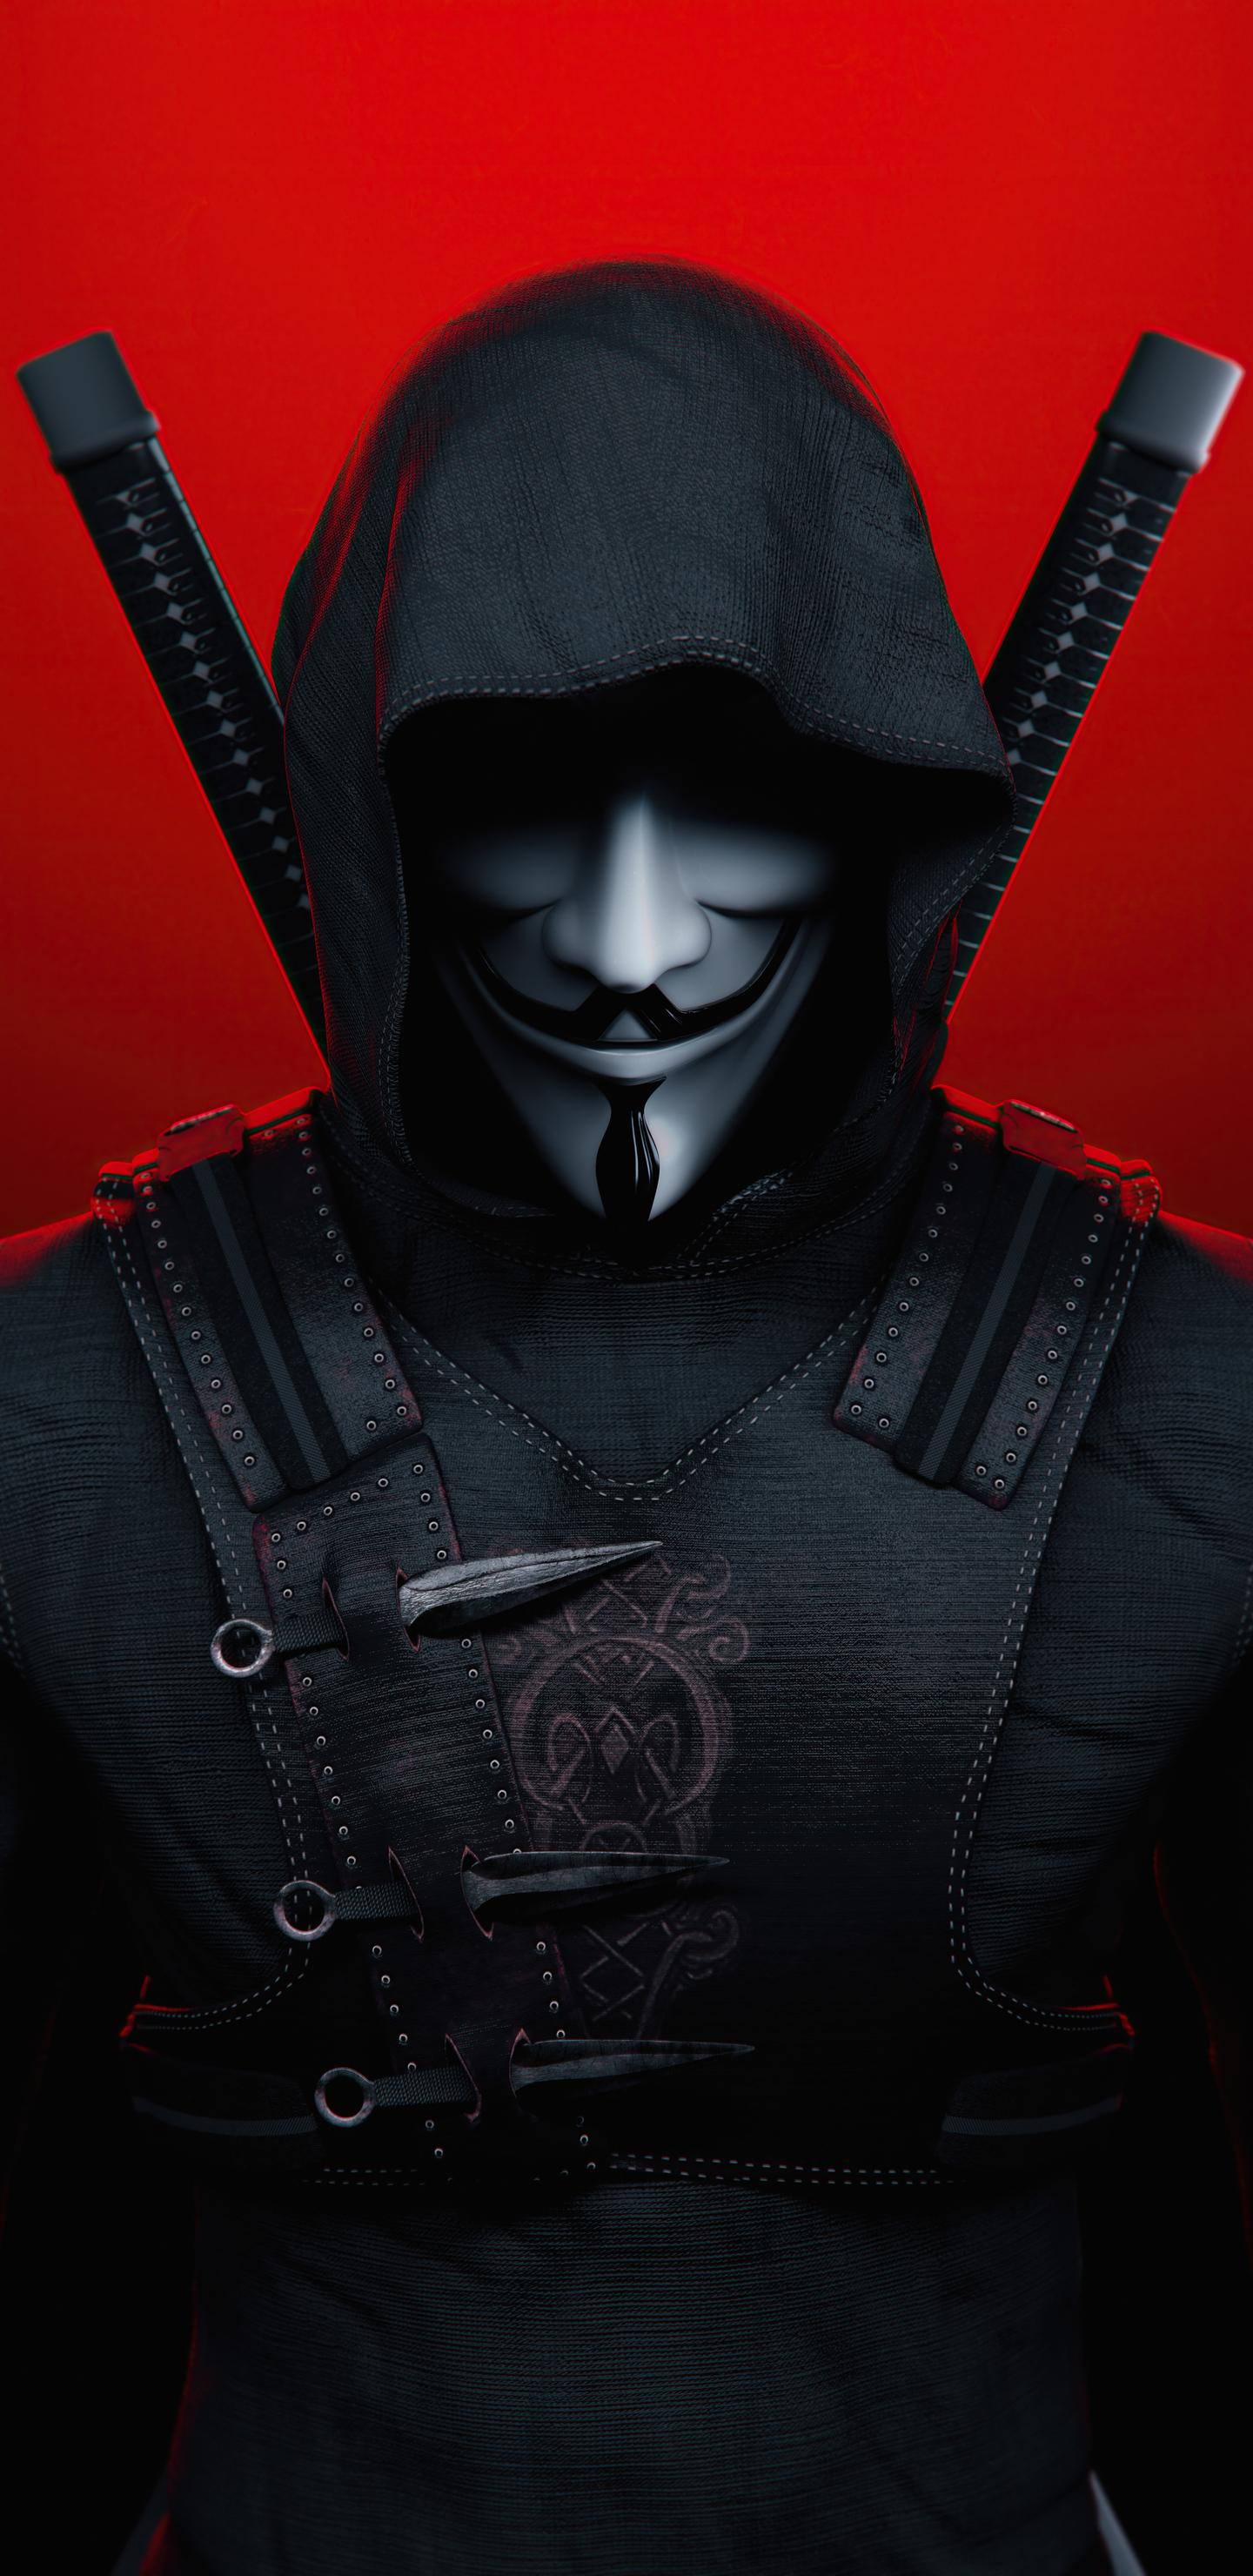 anonymus-ninja-5k-c8.jpg